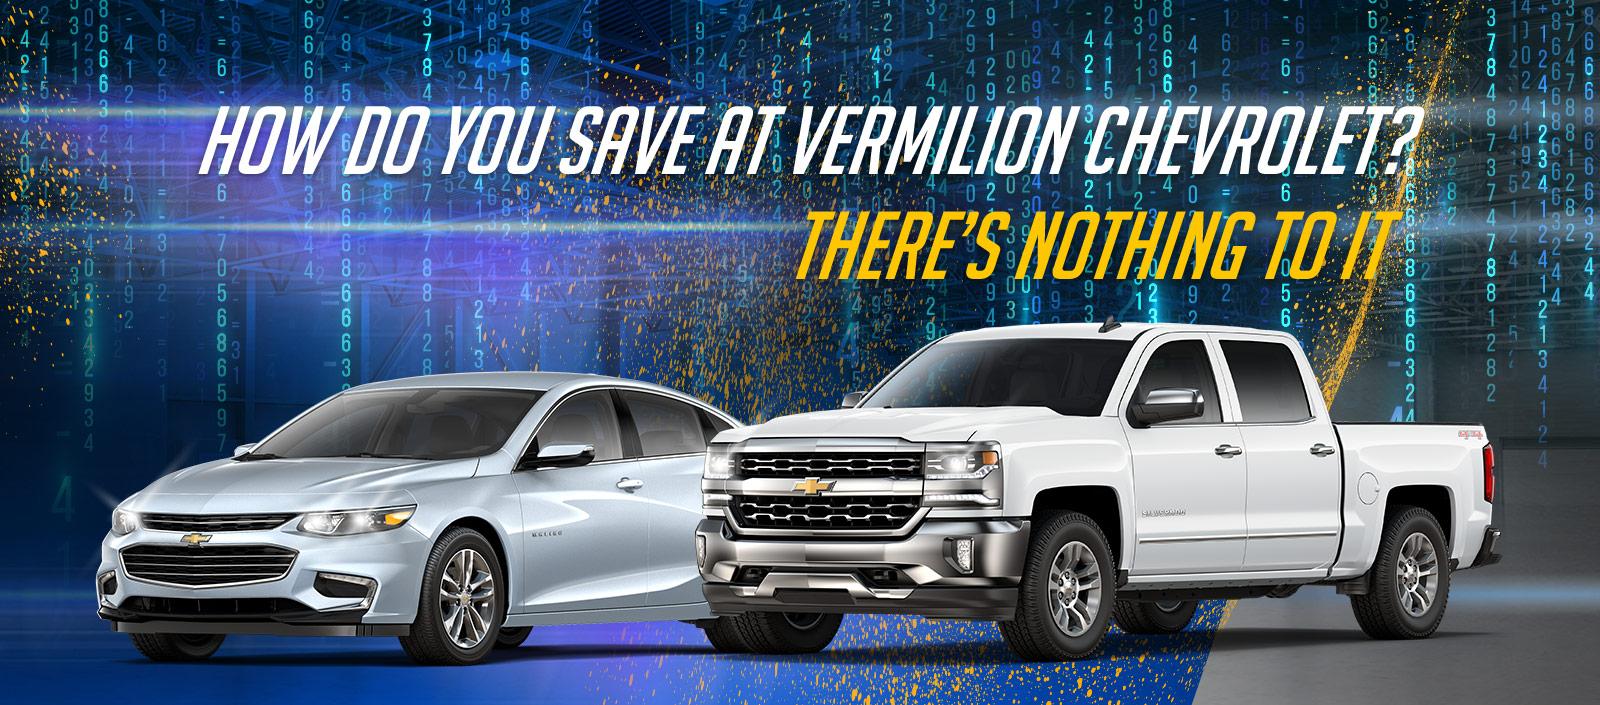 Vermilion Chevrolet GMC BUICK Is A Tilton Chevrolet GMC Buick - Buick dealership